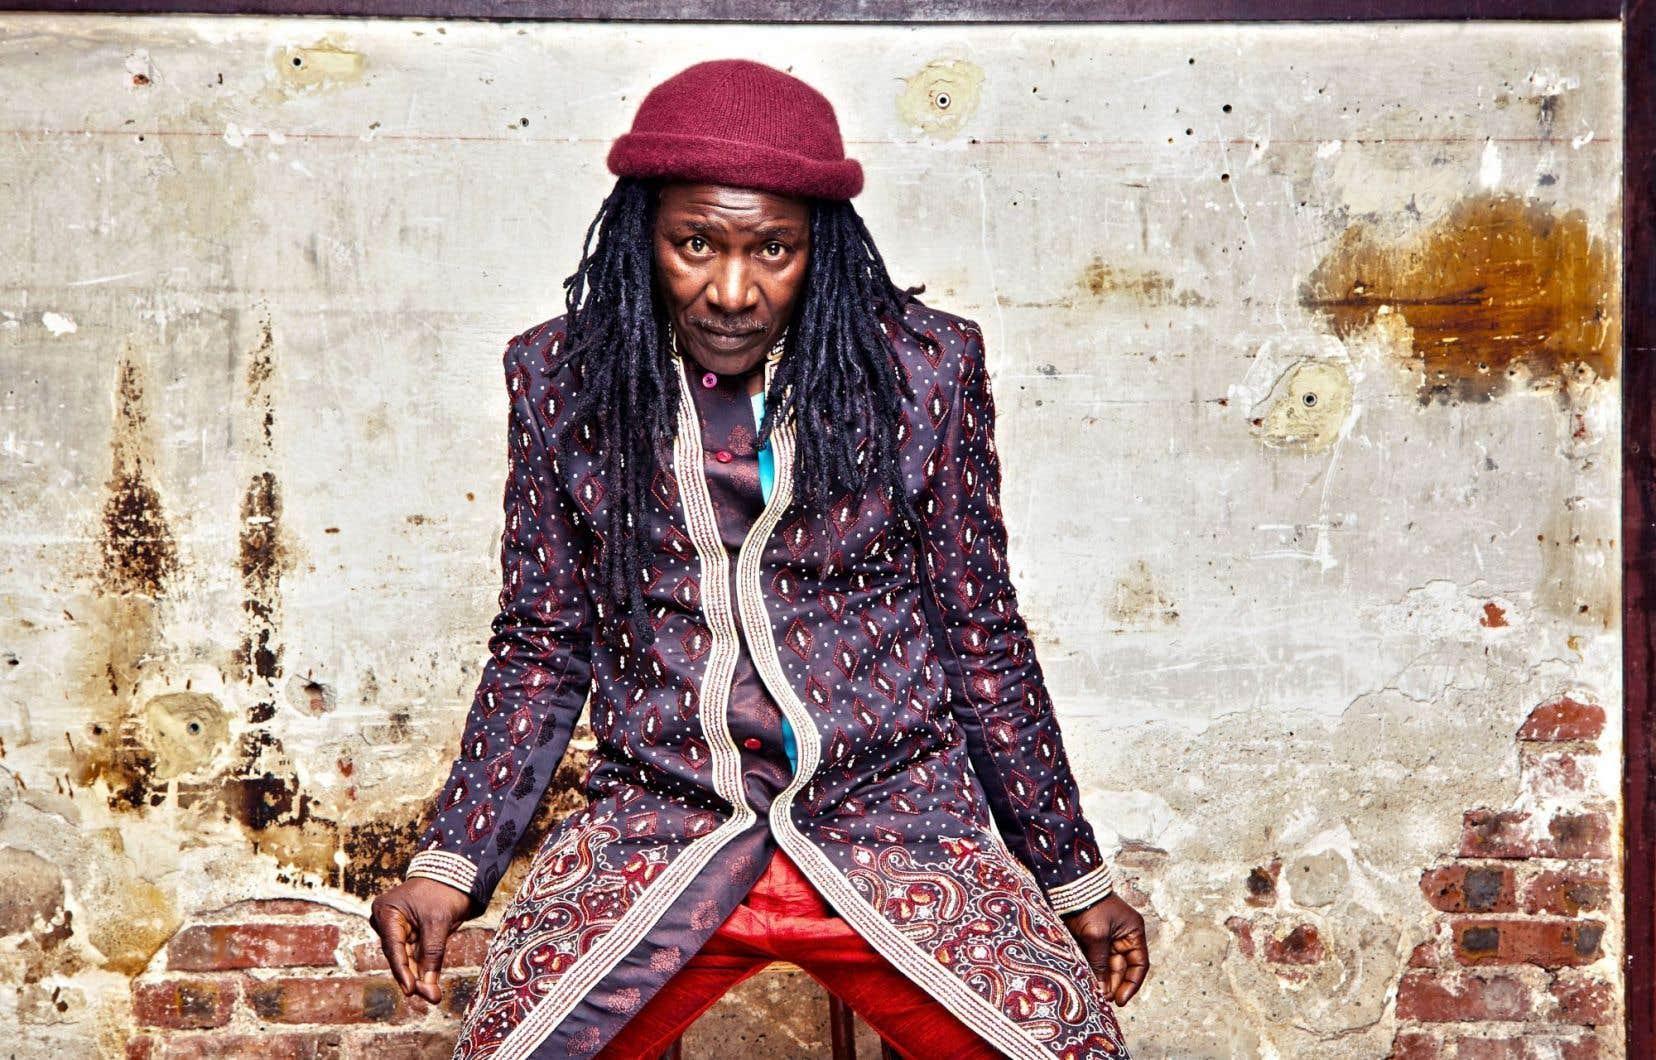 L'Ivoirien Alpha Blondy, le premier à avoir introduit une langue africaine dans le reggae.